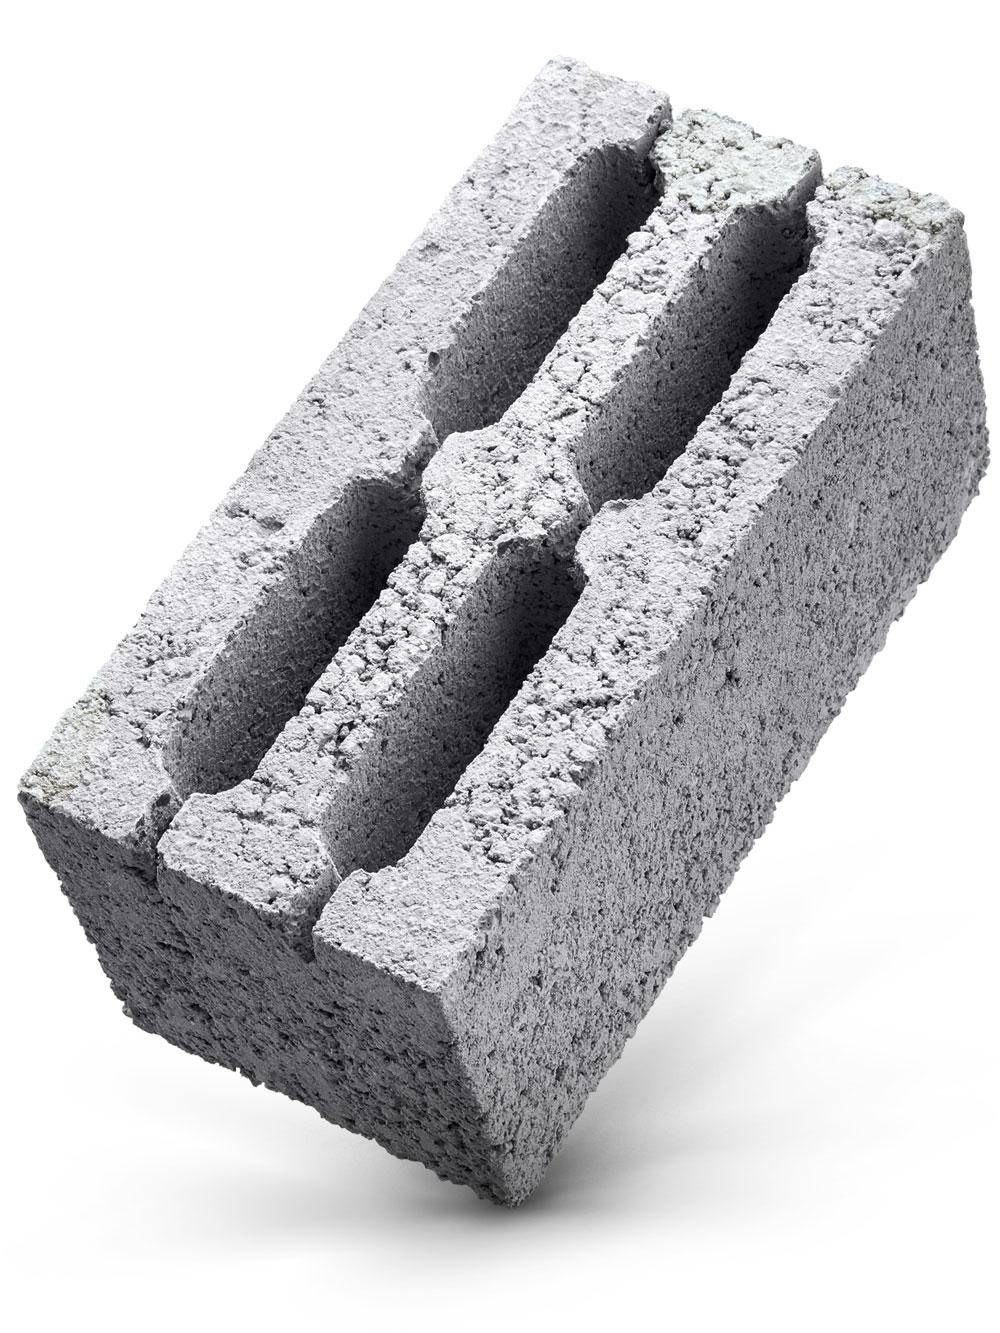 теперь бетонные блоки виды фото духов